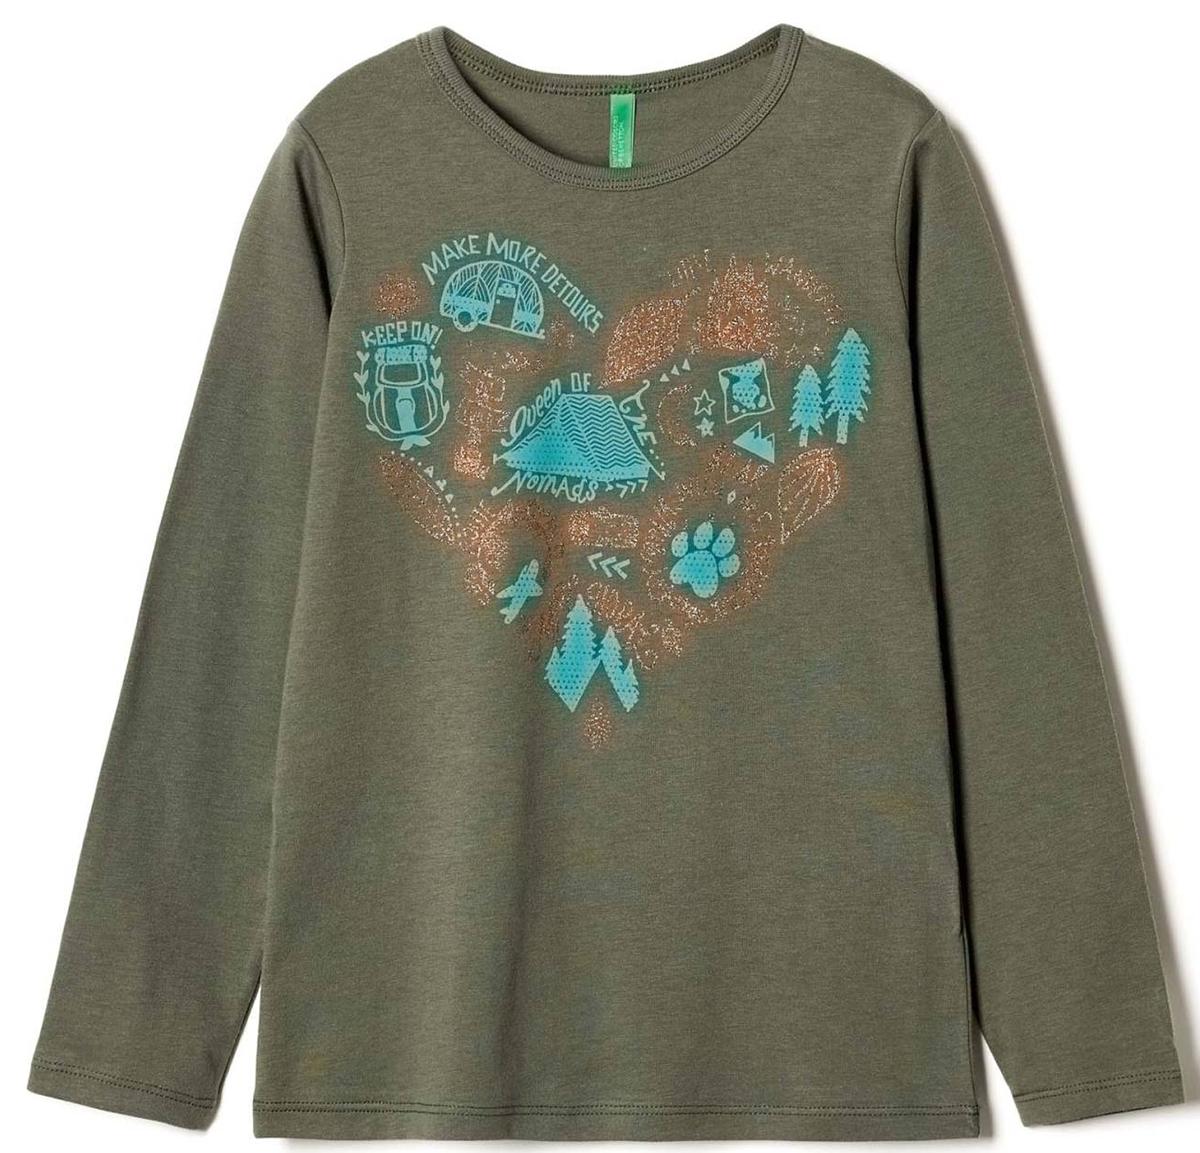 Лонгслив для девочки United Colors of Benetton, цвет: зеленый. 3I1XC139V_12G. Размер 1603I1XC139V_12GЛонгслив для девочки United Colors of Benetton выполнен из хлопка. Модель с круглым вырезом горловины и длинными рукавами.